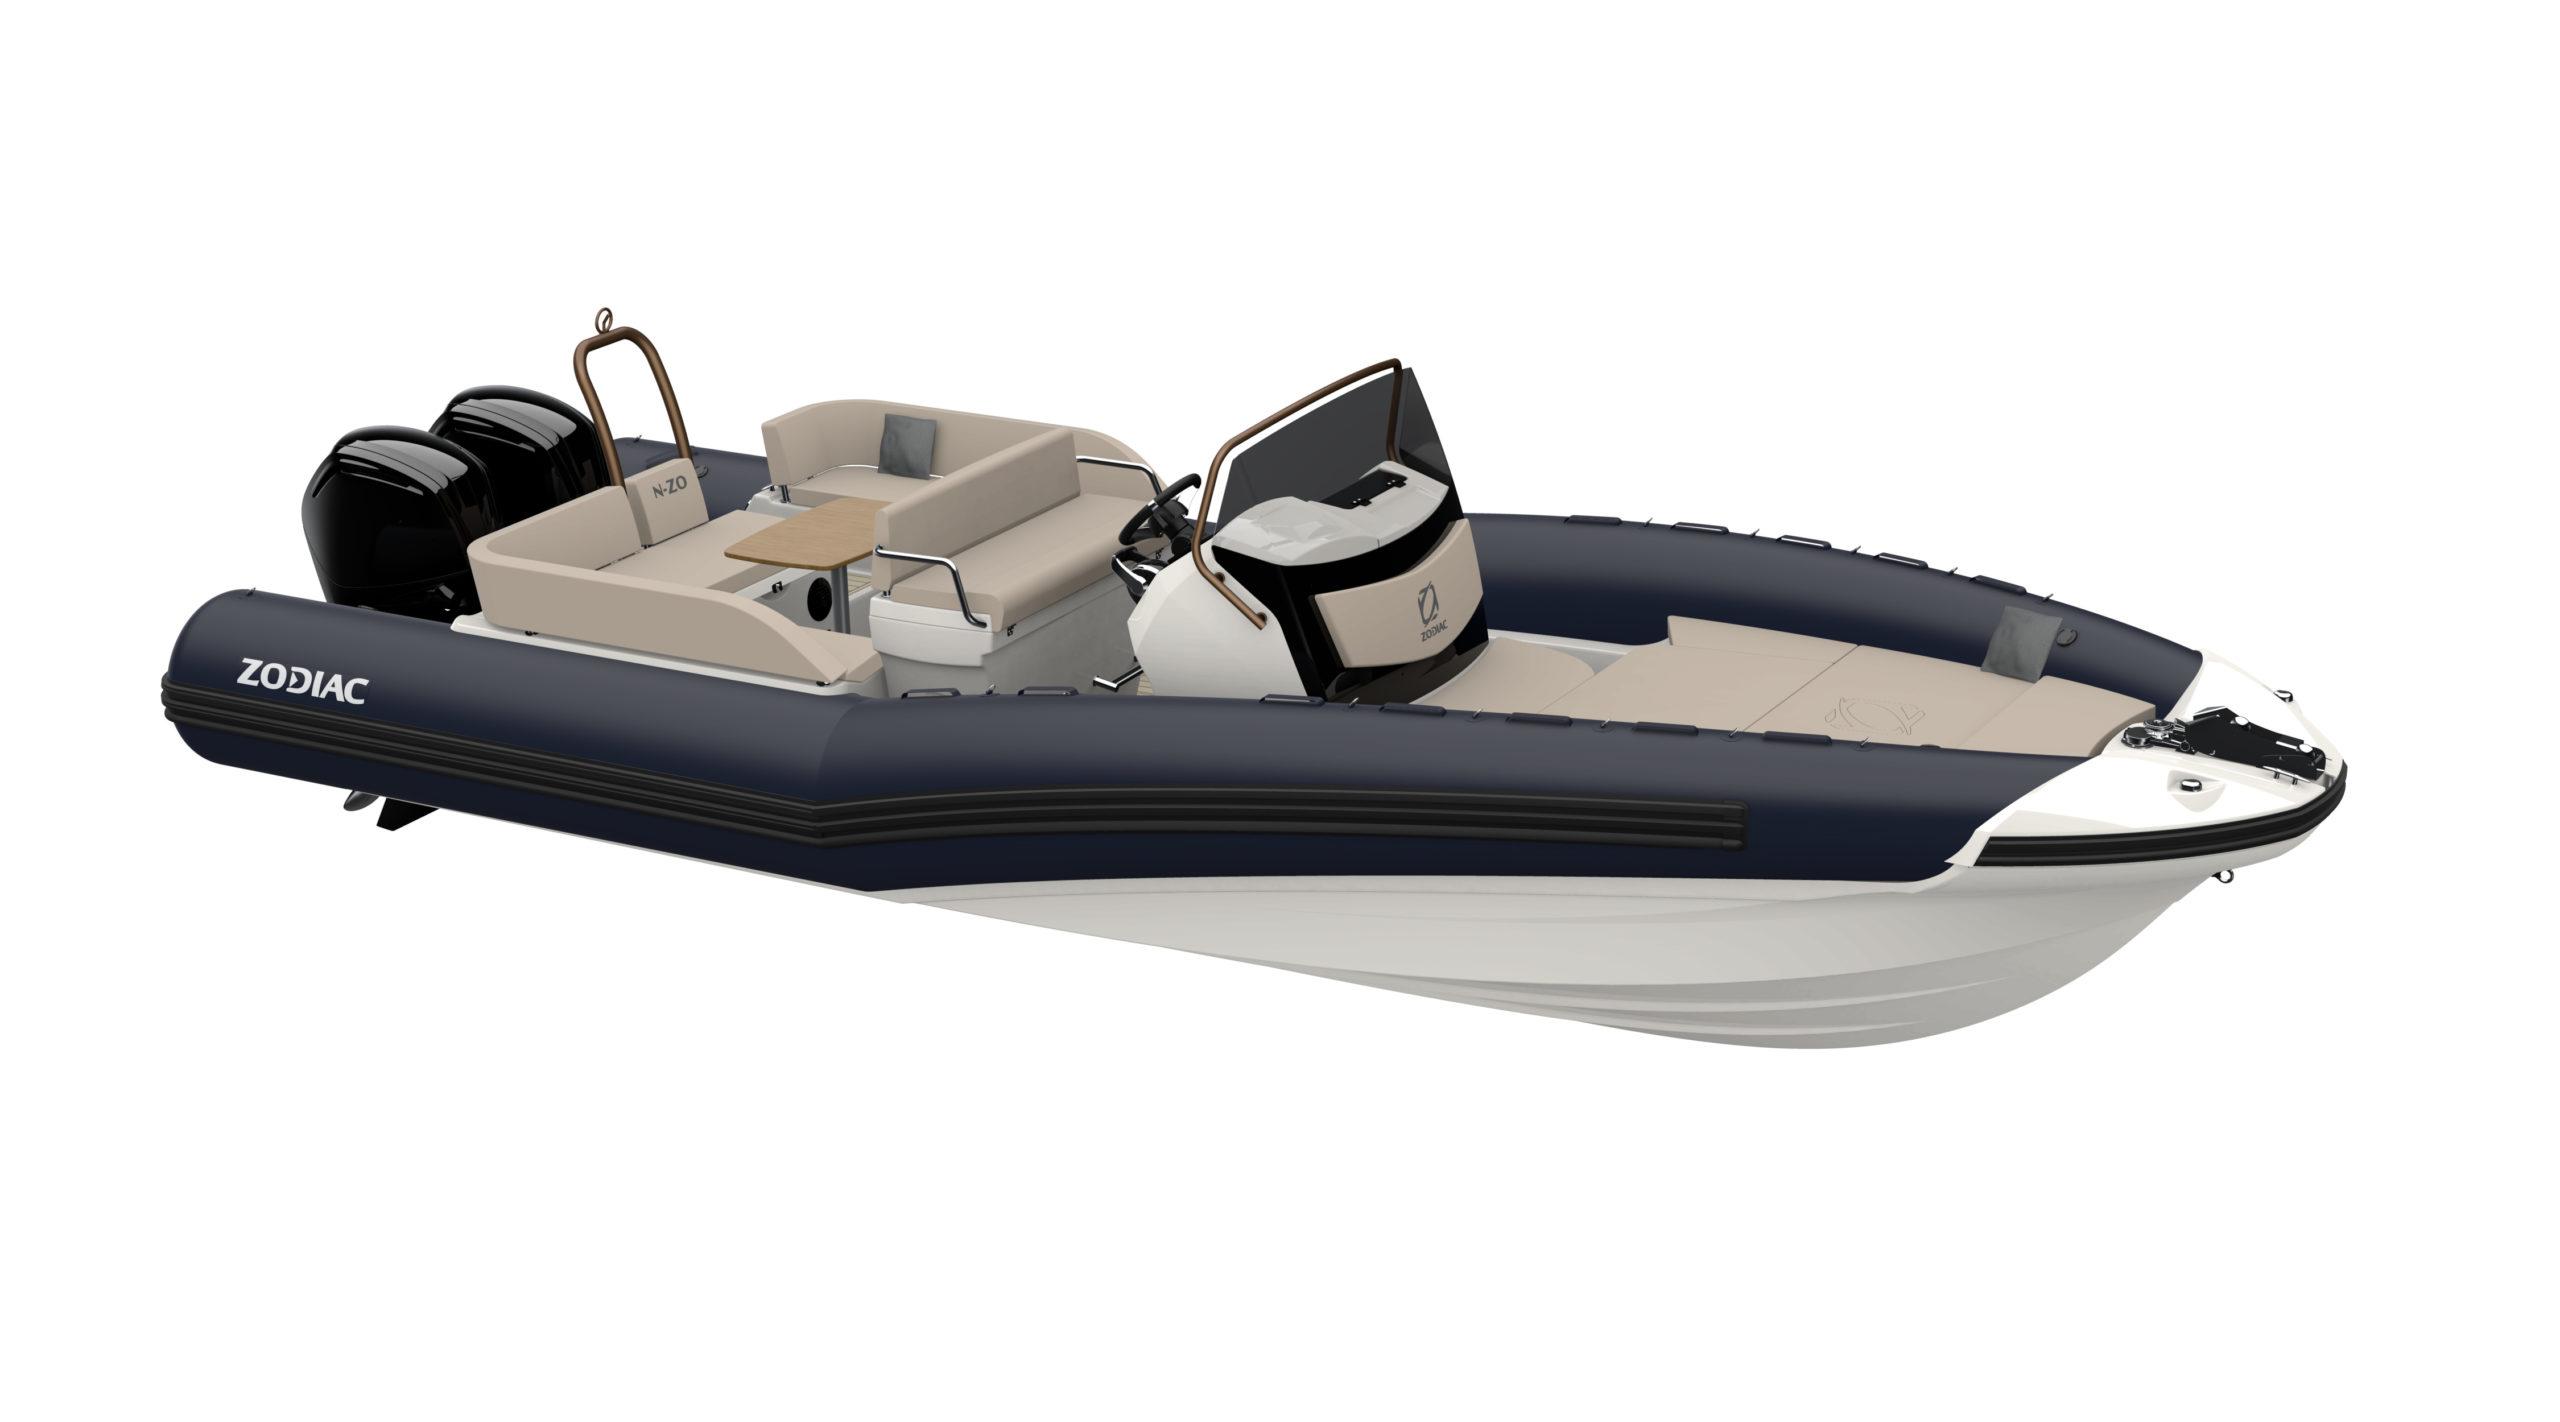 NZO760-Deluxe-pack_9010-Navy-Sand-bronze_P1